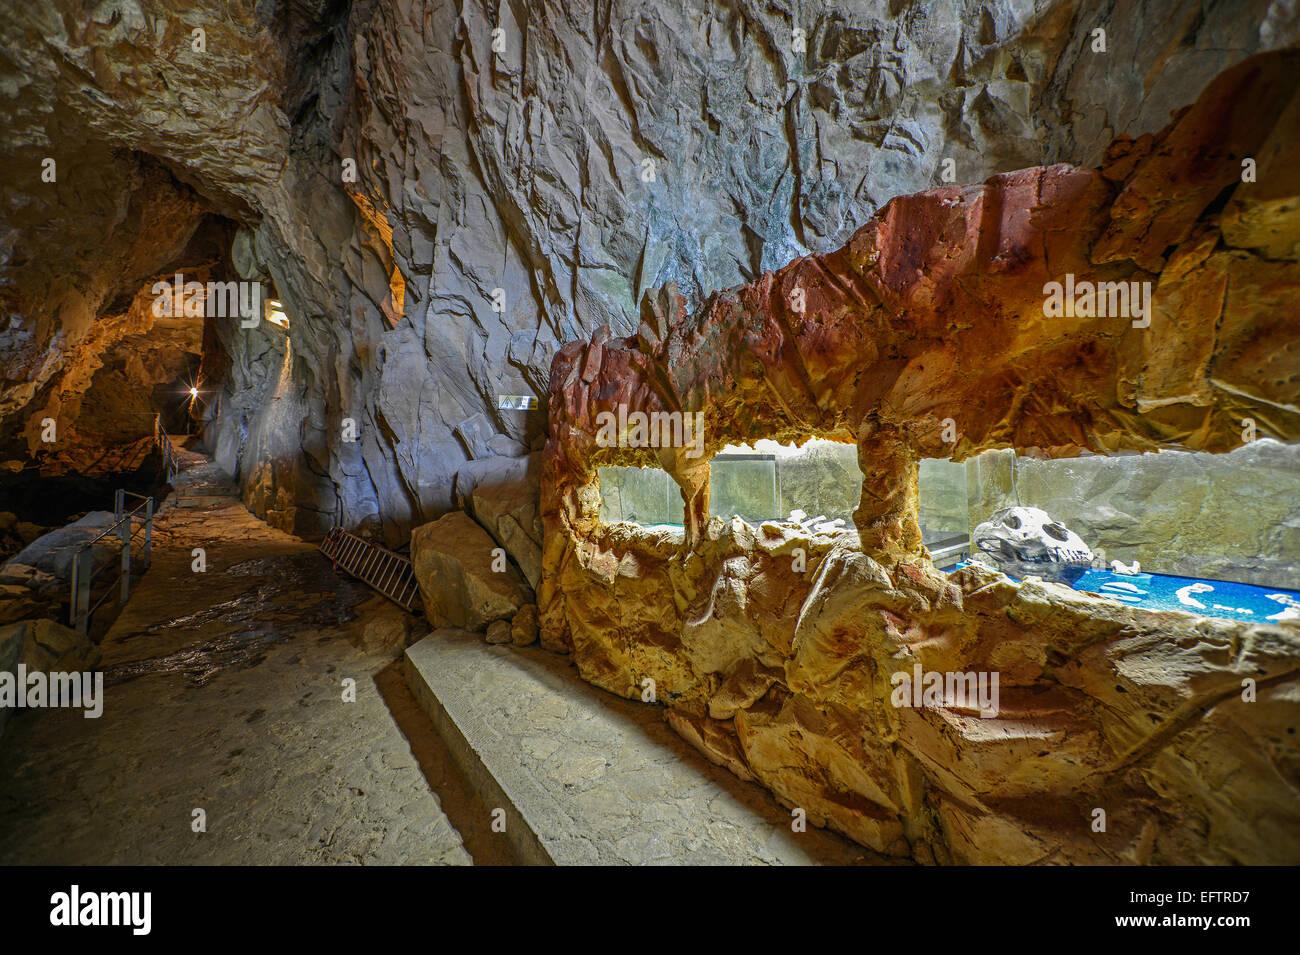 Italy Friuli Venezia Giulia Antro A village near Pulfero in the province of Udine The cave of San Giovanni d'Antro - Stock Image